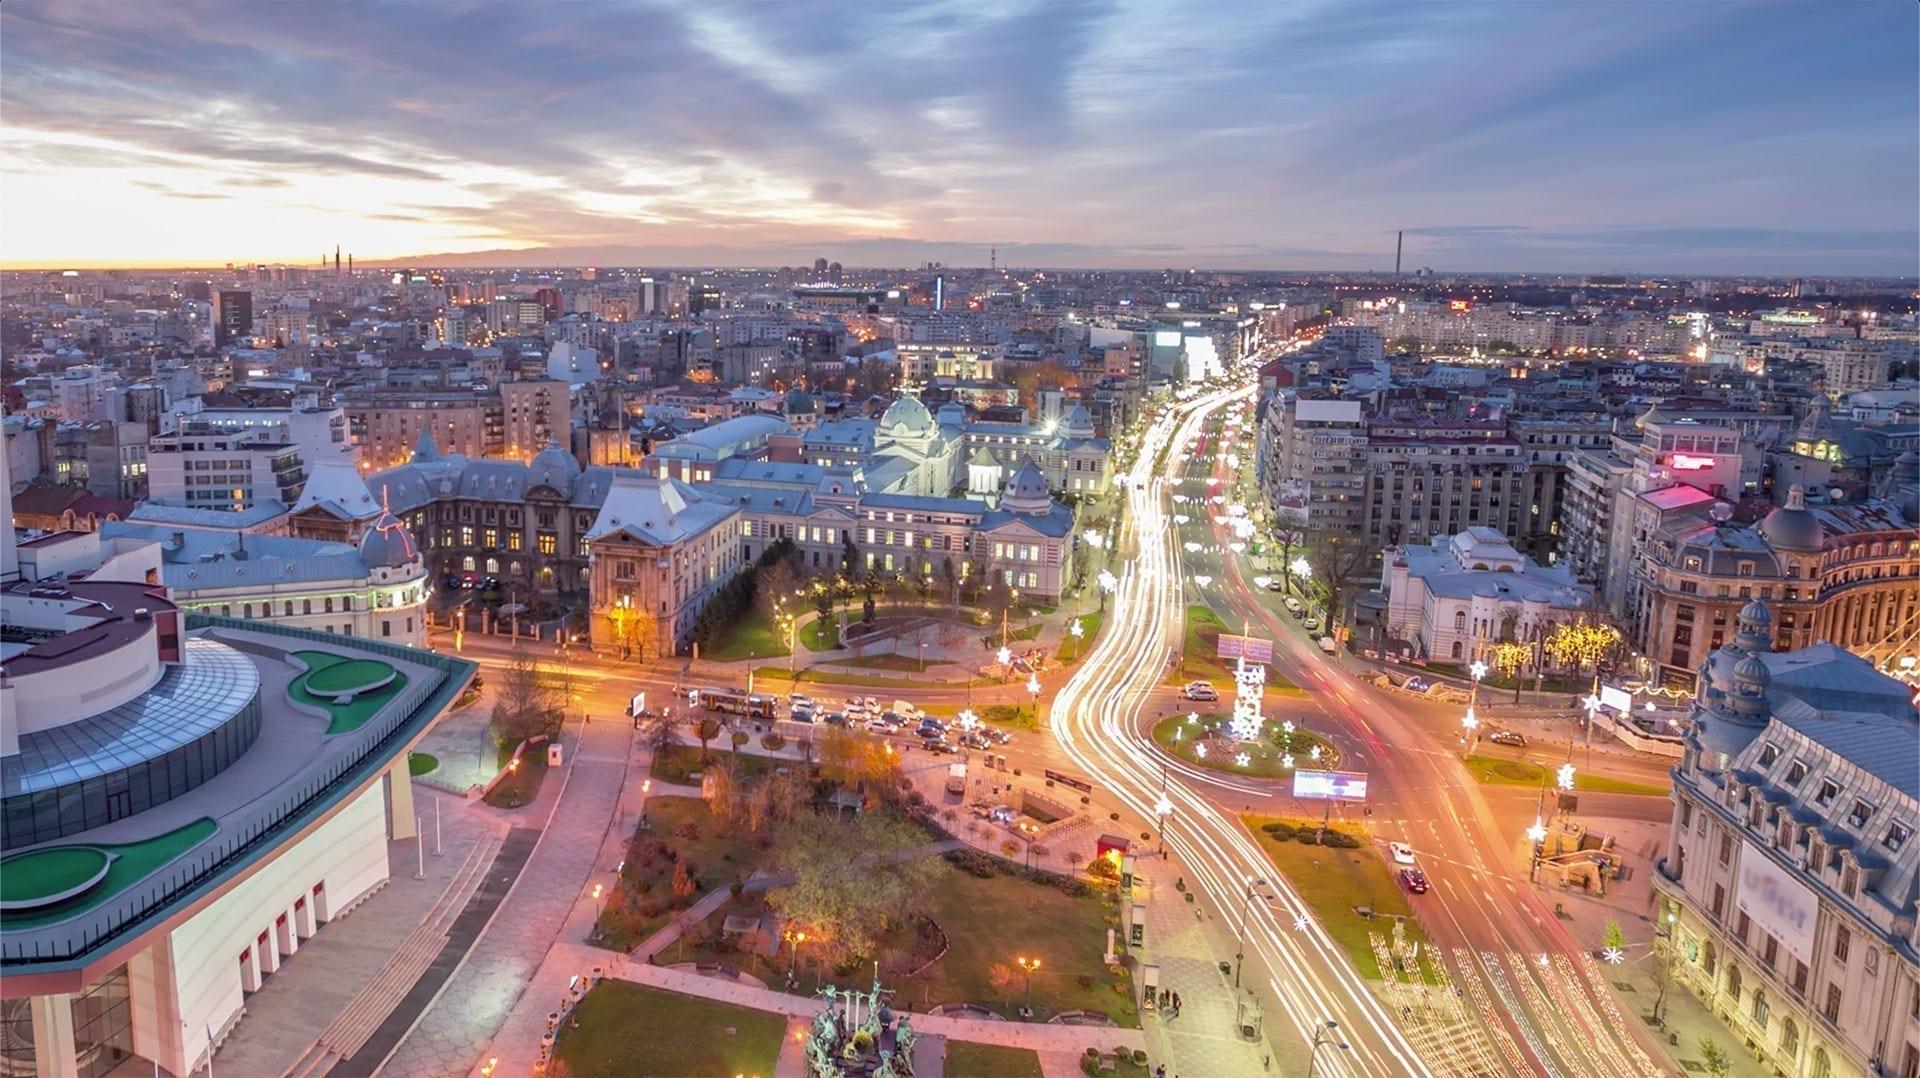 schimbari 3 - Piața imobiliară, între maturizare și impredictibilitate legislativă